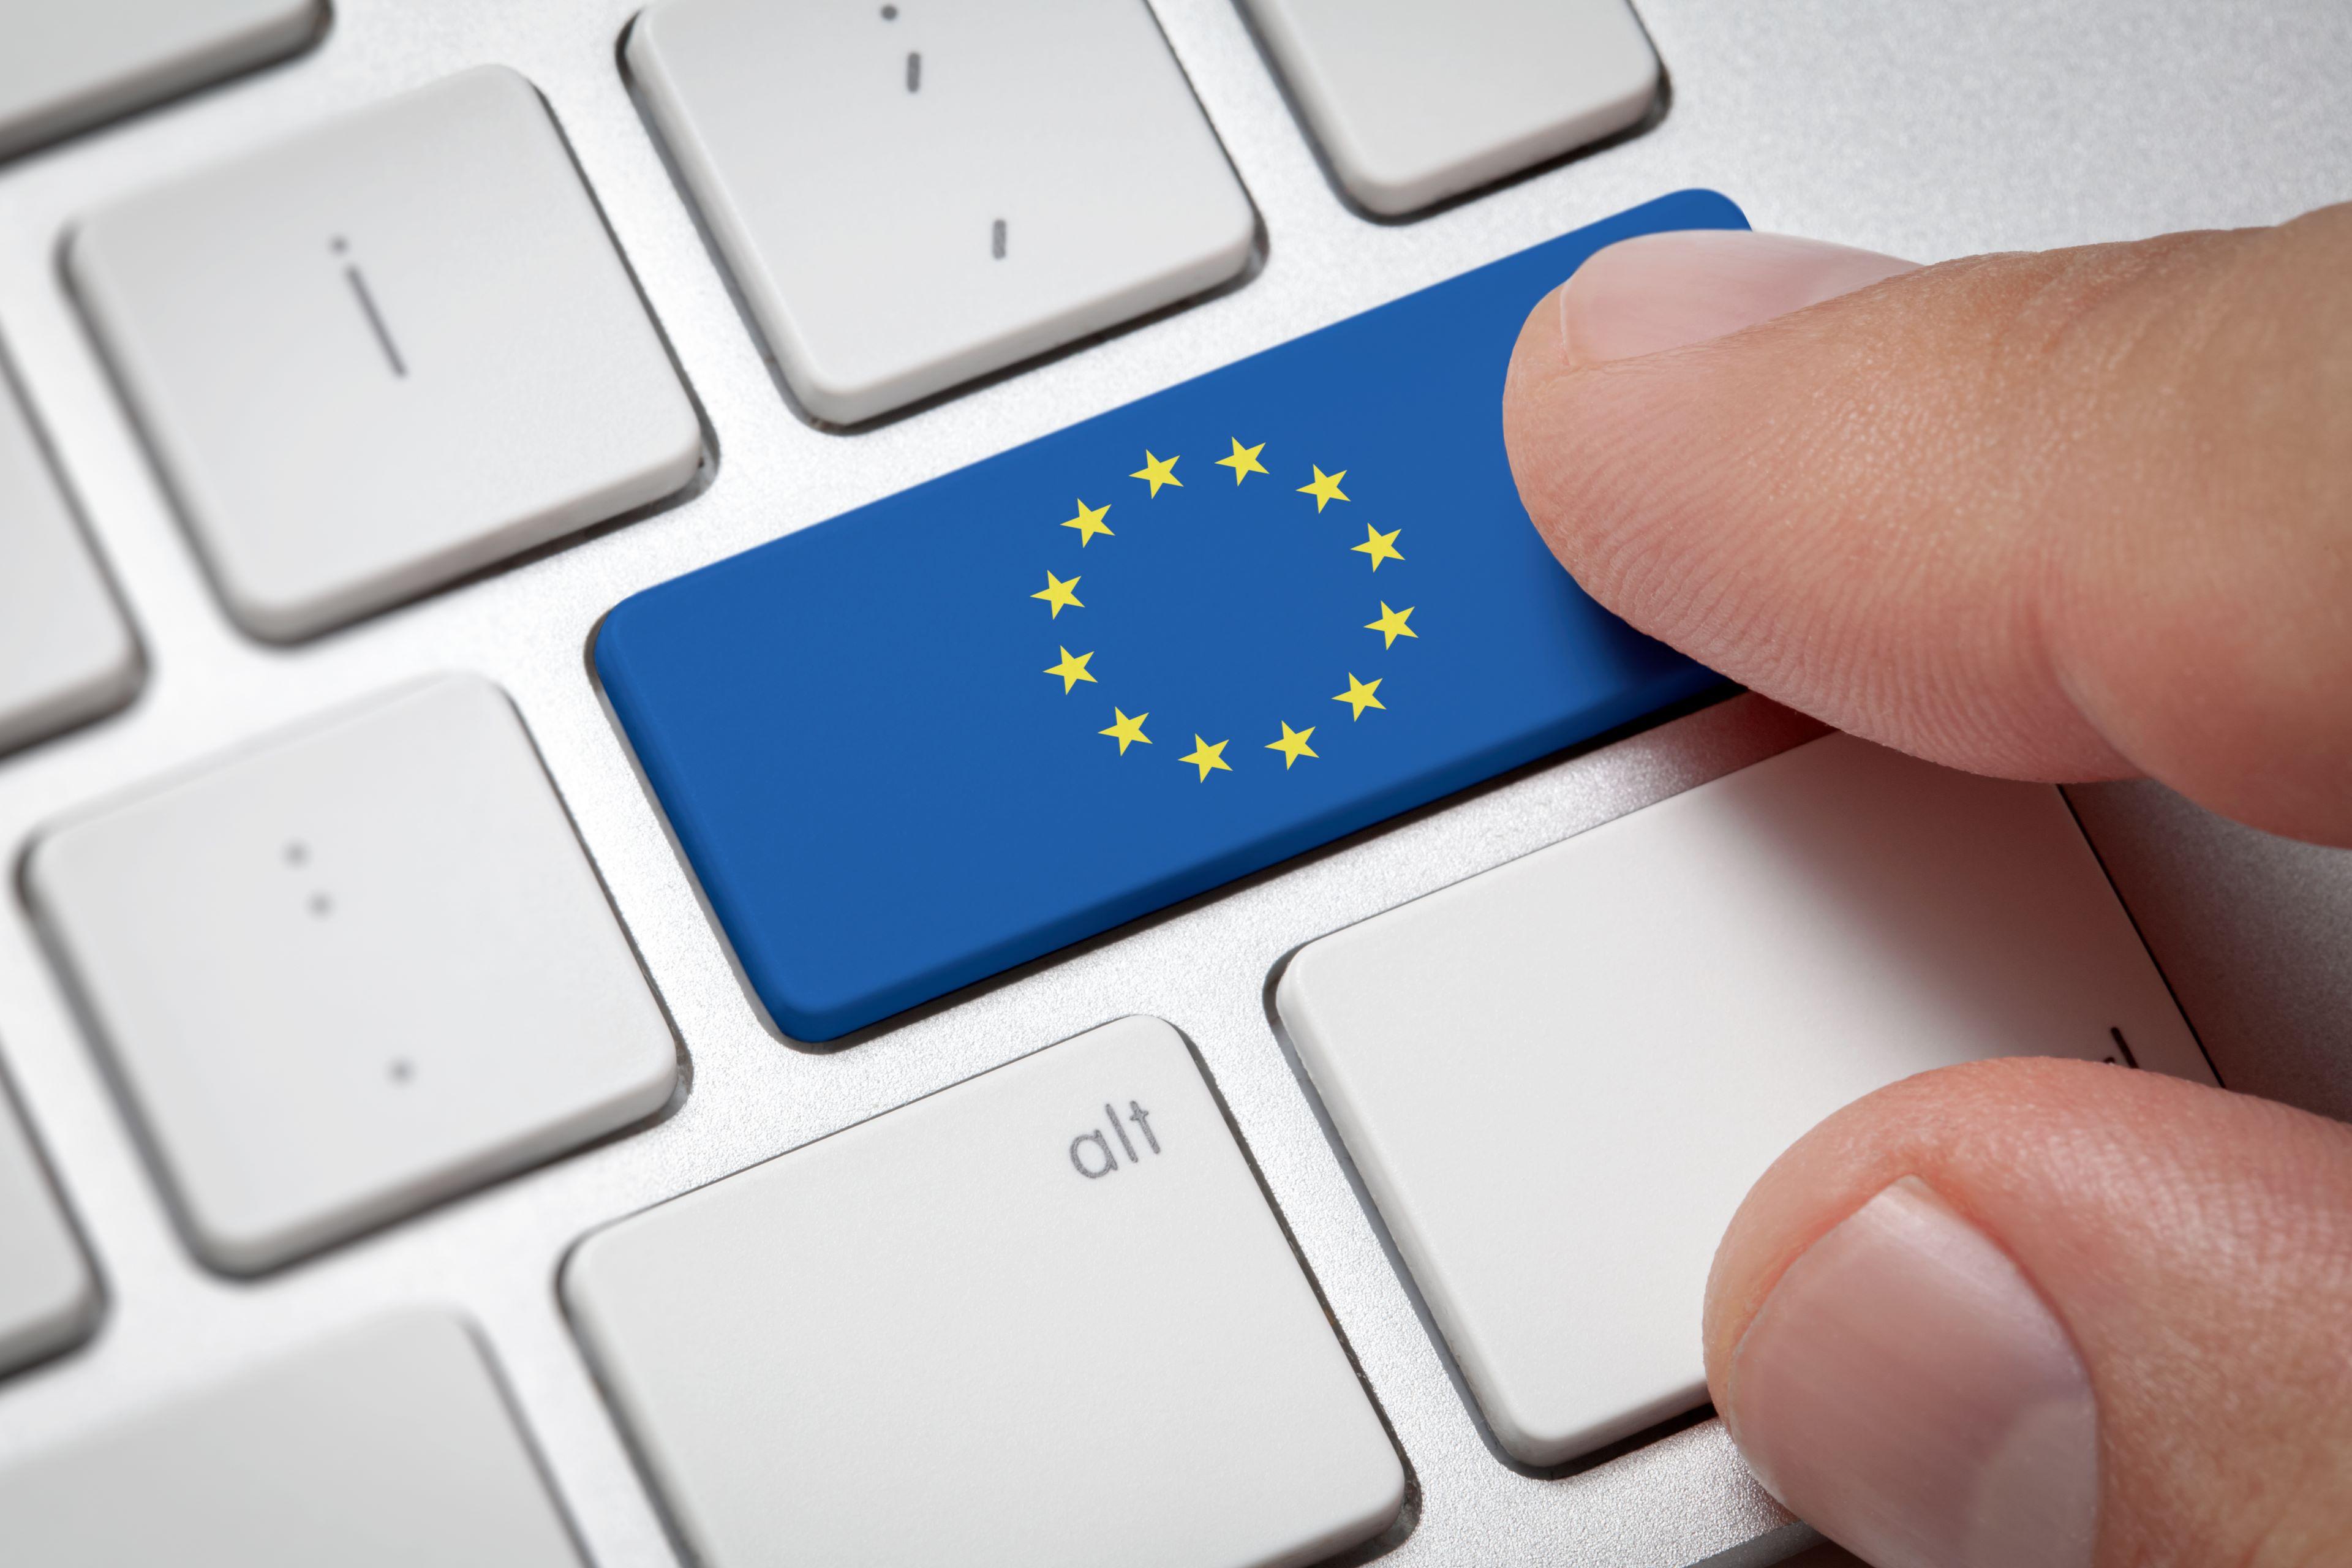 Jste připraveni na nová DPH pravidla pro elektronické obchodování?